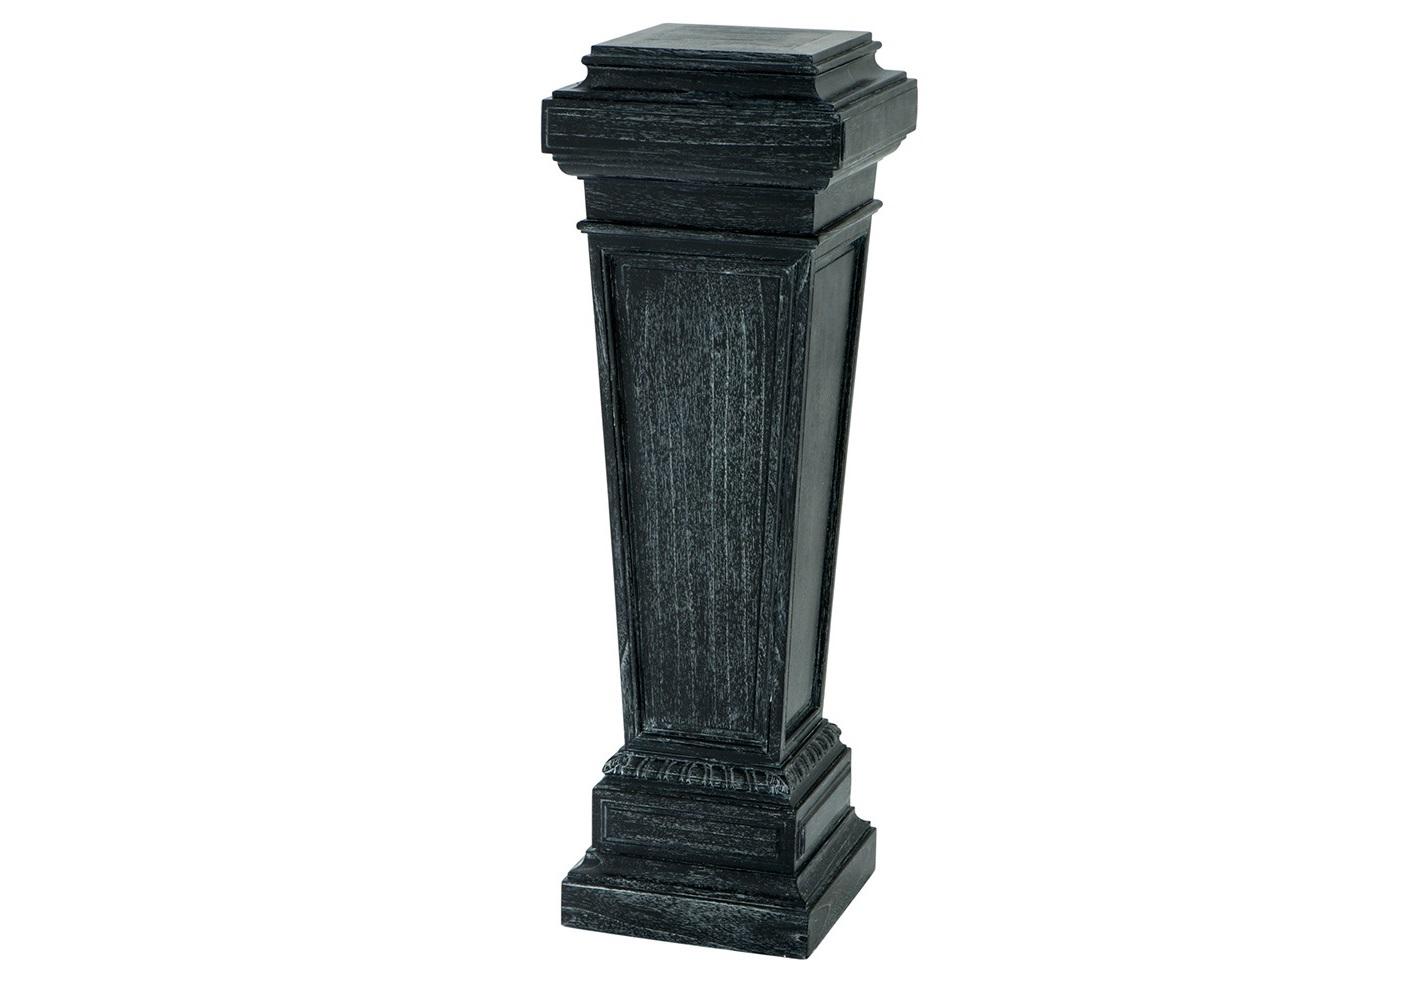 КолоннаПьедесталы<br>Колонна Column Oxford выполнена из дерева черного цвета с эффектом состаривания.<br><br>Material: Дерево<br>Ширина см: 38<br>Высота см: 114<br>Глубина см: 38